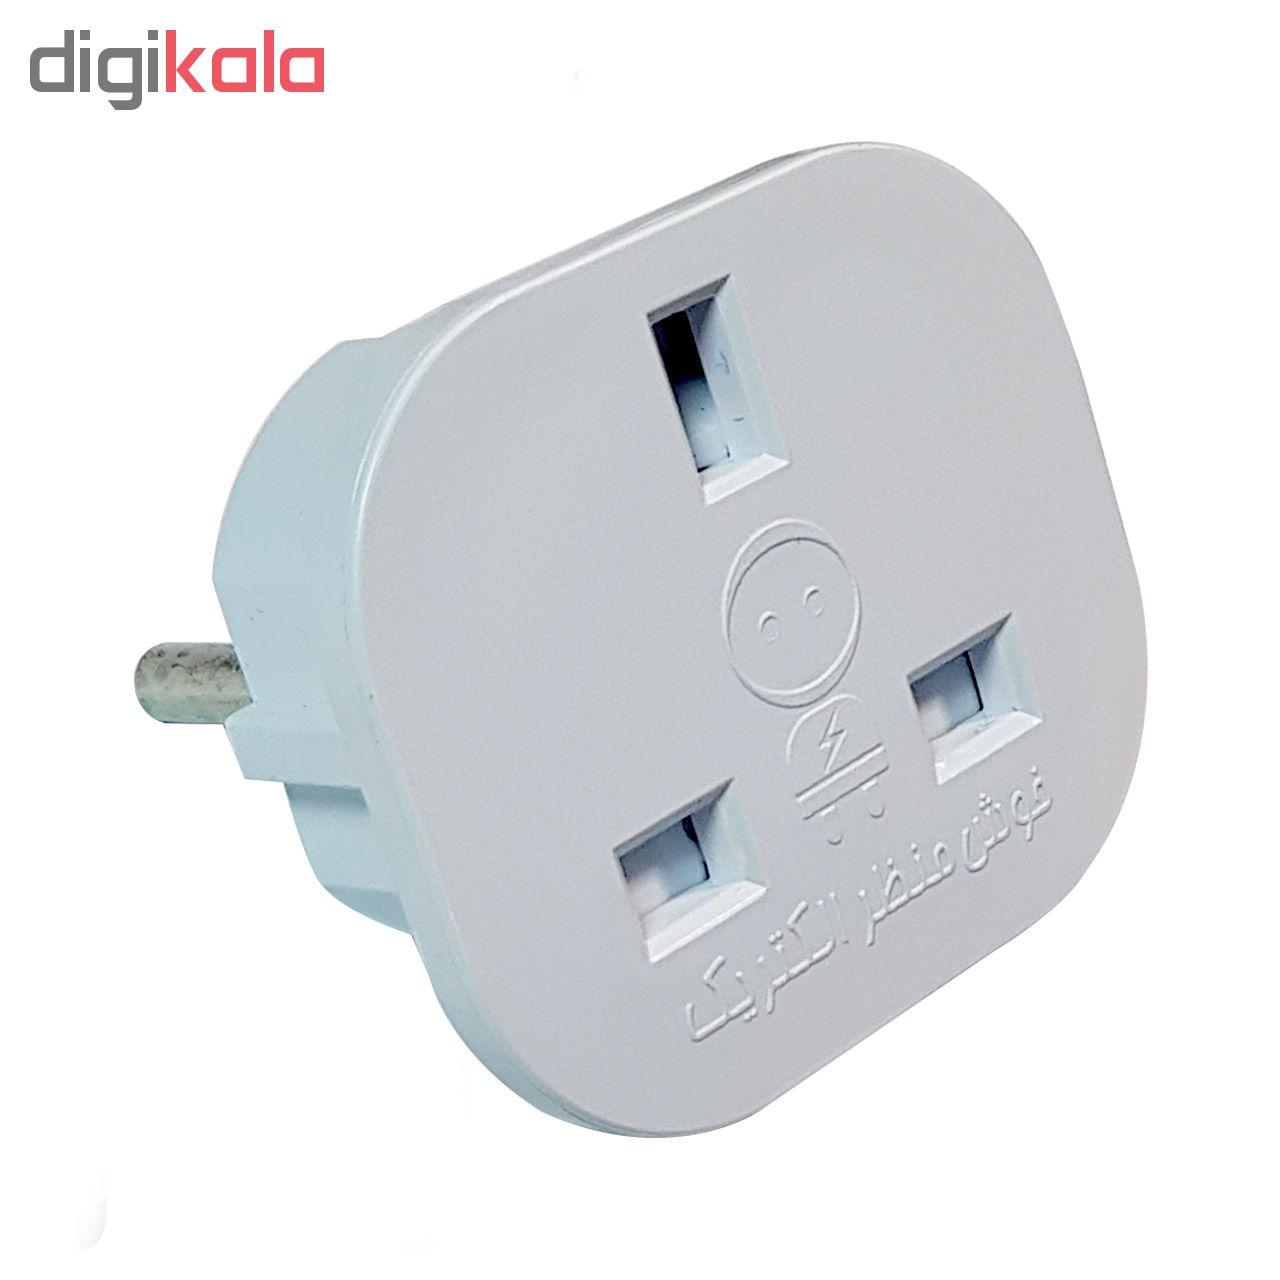 خرید اینترنتی مبدل برق خوش منظر الکتریک کد 005 اورجینال